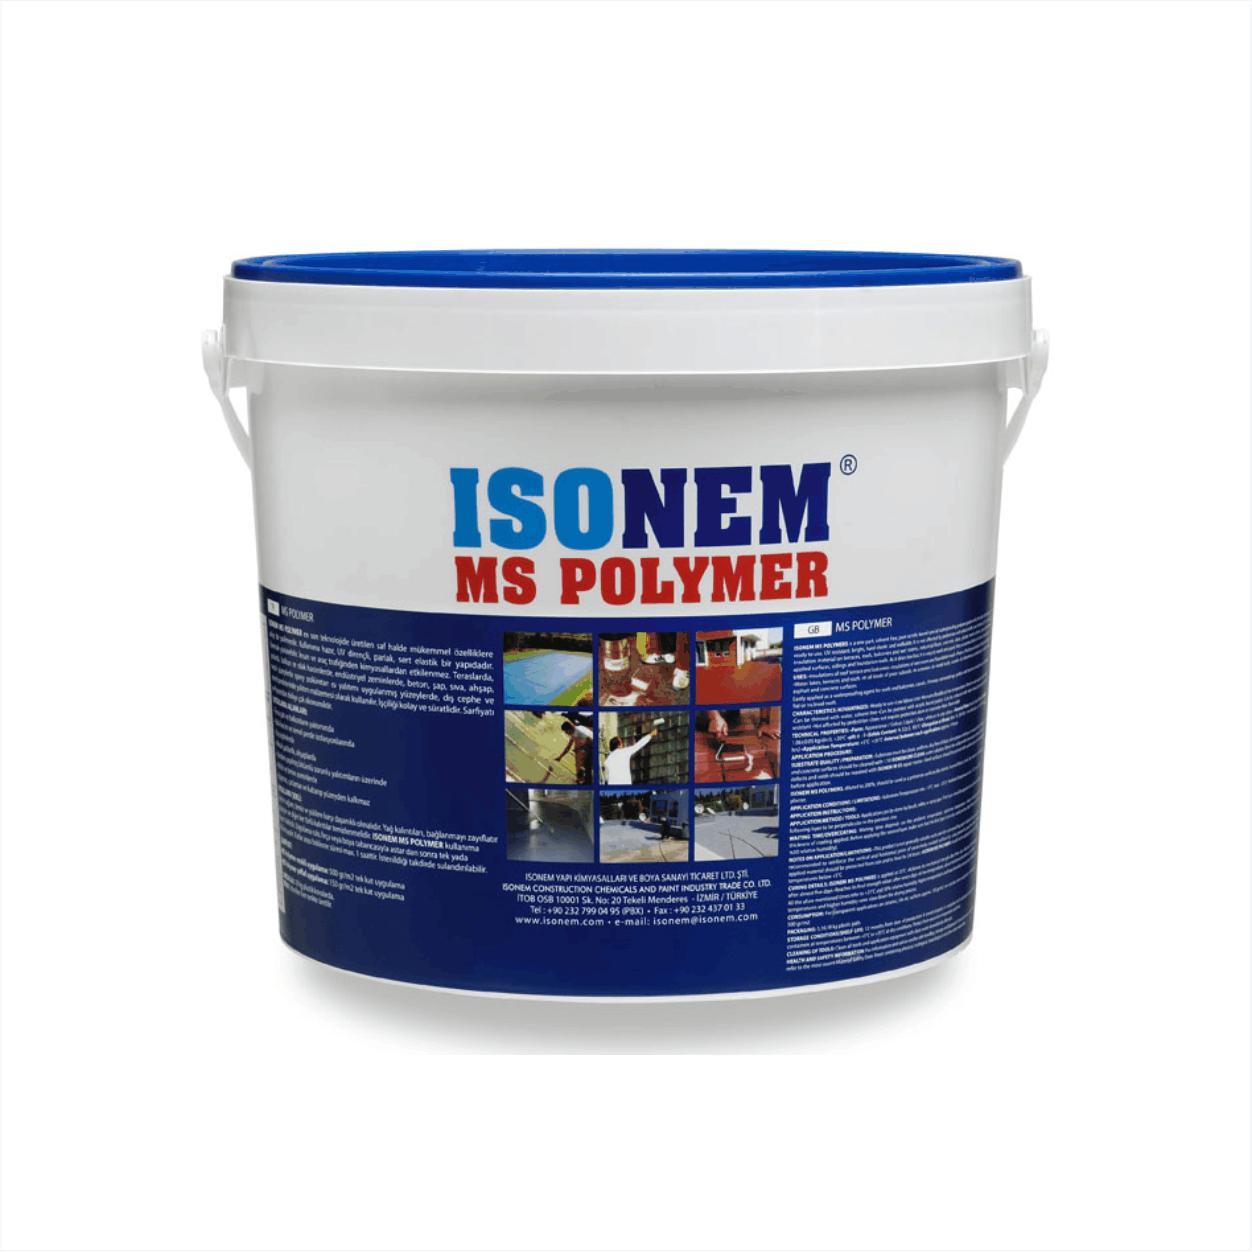 MS Polymer